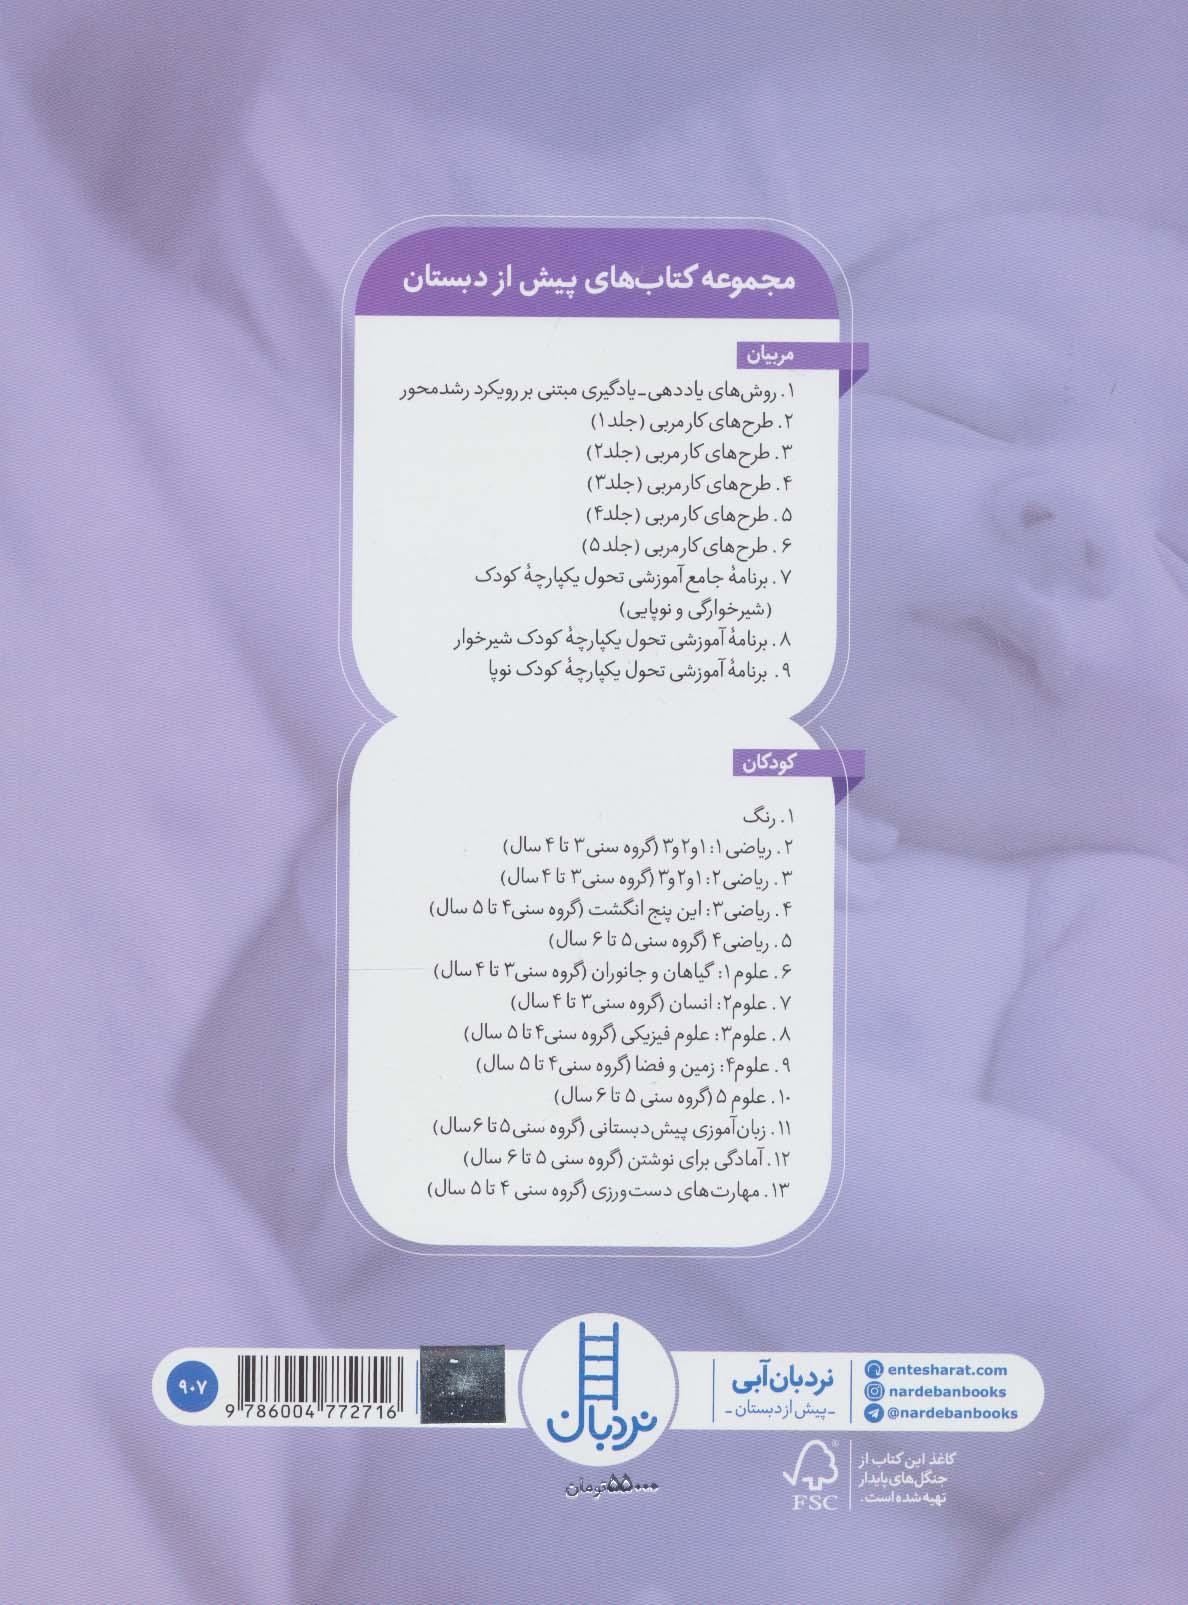 برنامه آموزشی تحول یکپارچه کودک شیرخوار (کتاب کار والدین،مربیان و درمانگران)